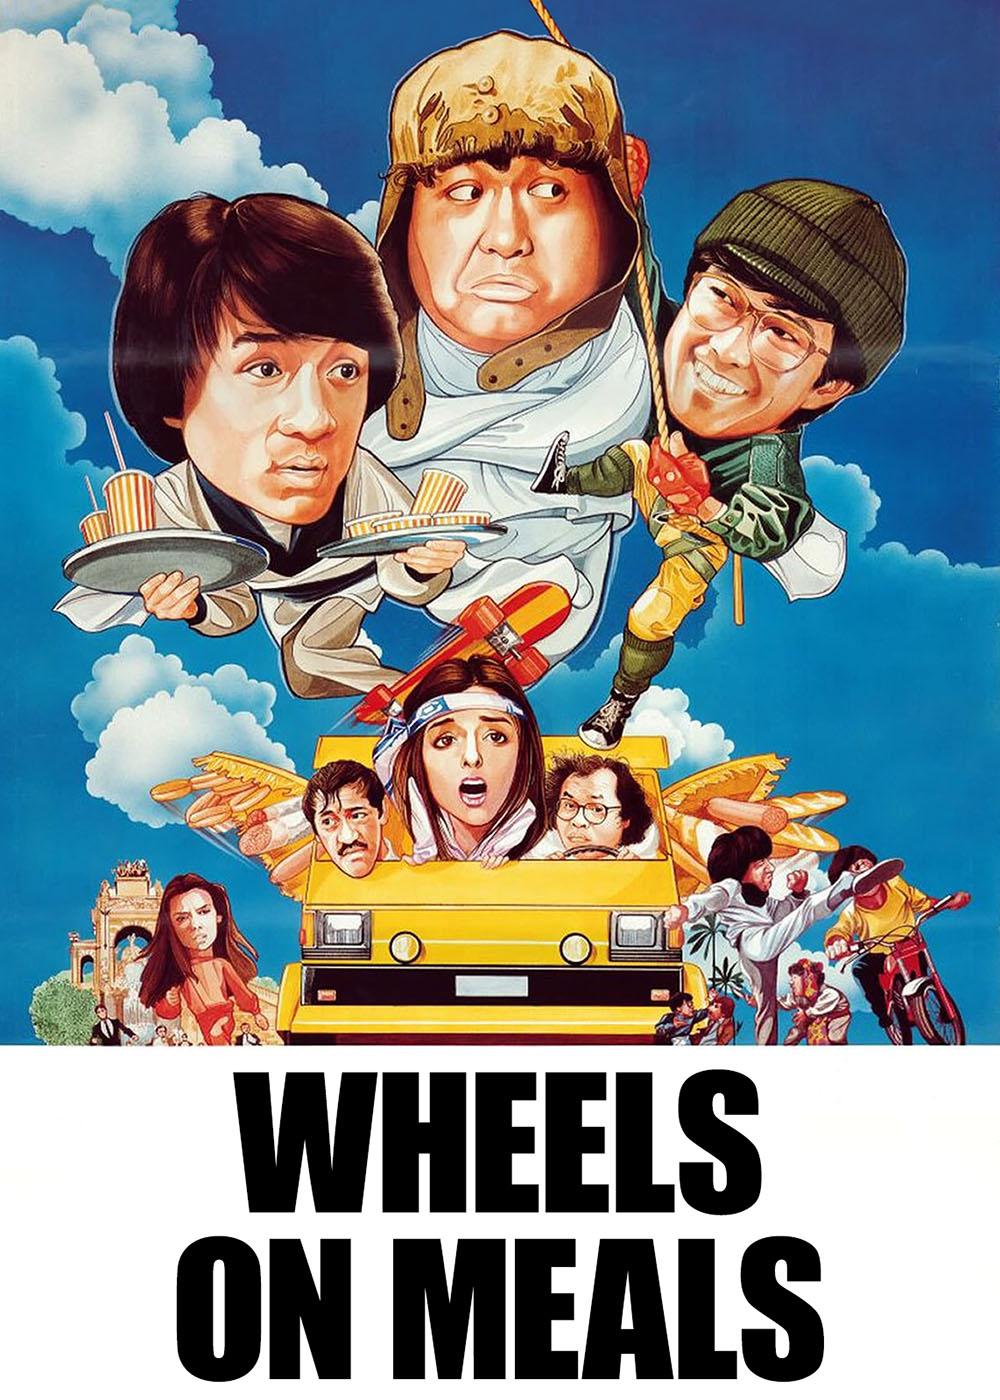 wheelsonmeals_poster.jpg